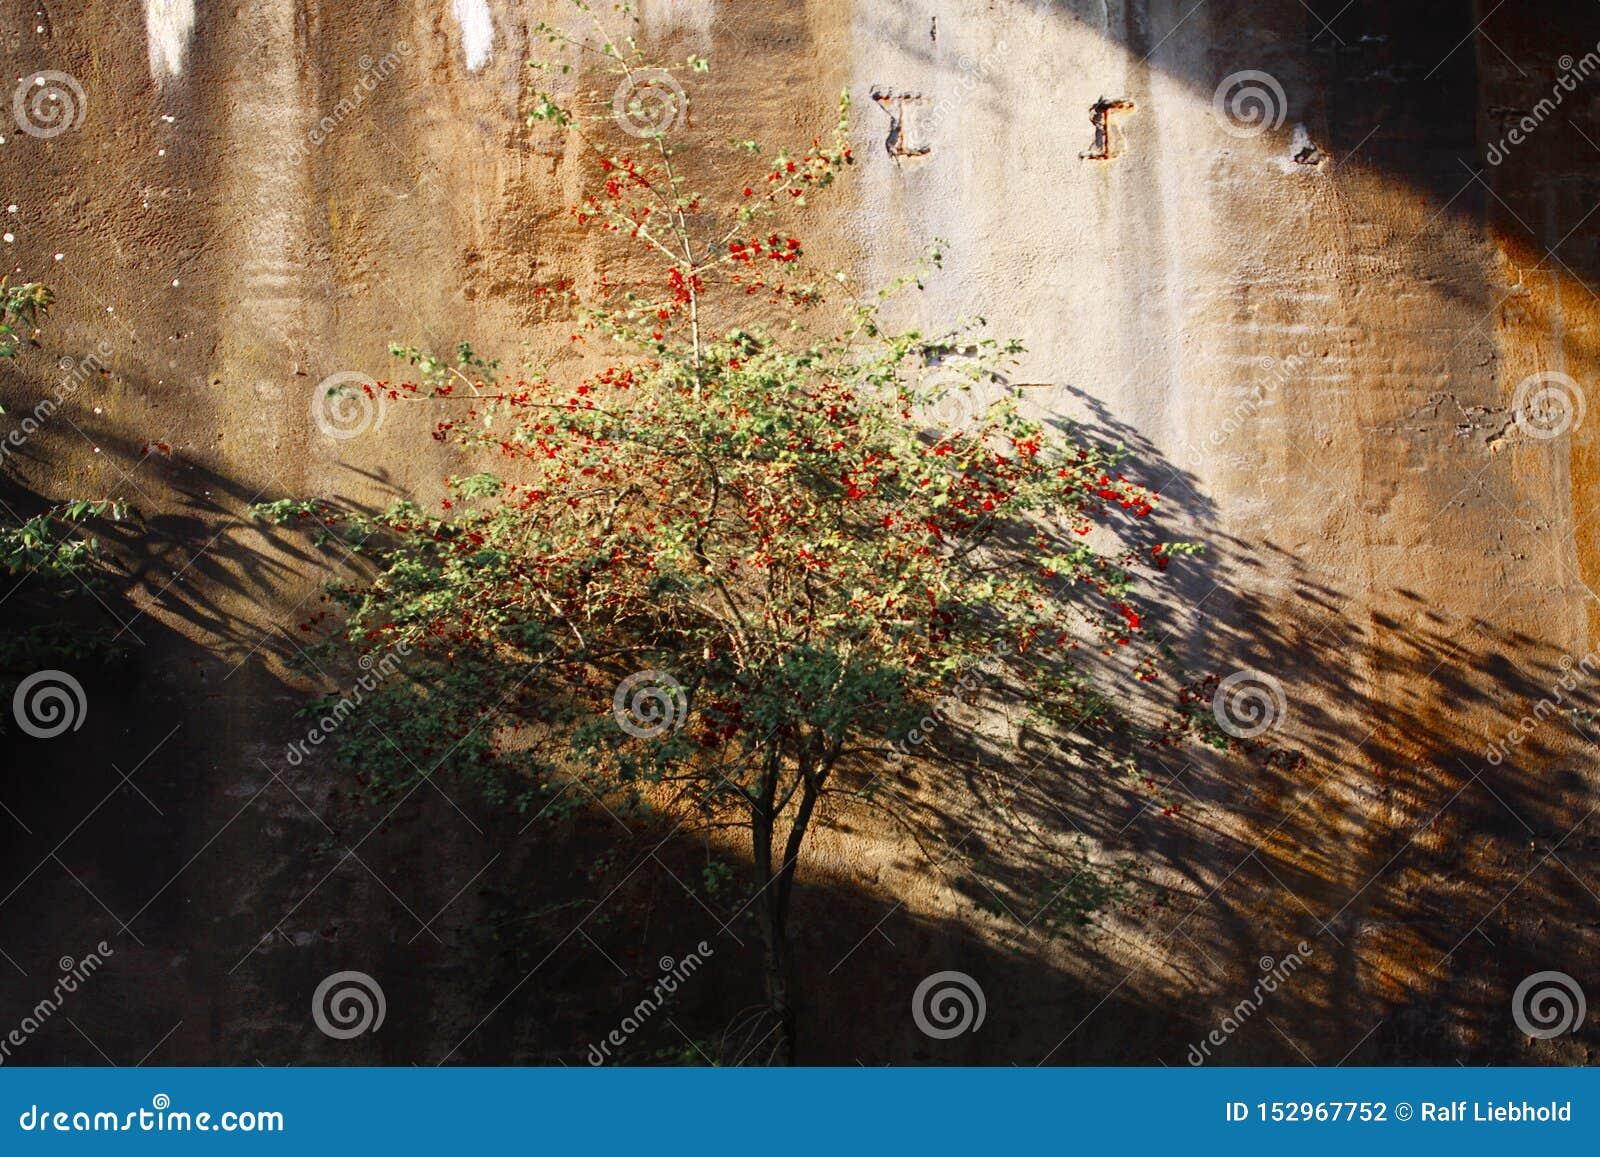 Landschaftspark Duisburg, Alemanha: Árvore isolada com as bagas vermelhas em um brilho abandonado do túnel brilhante na luz solar